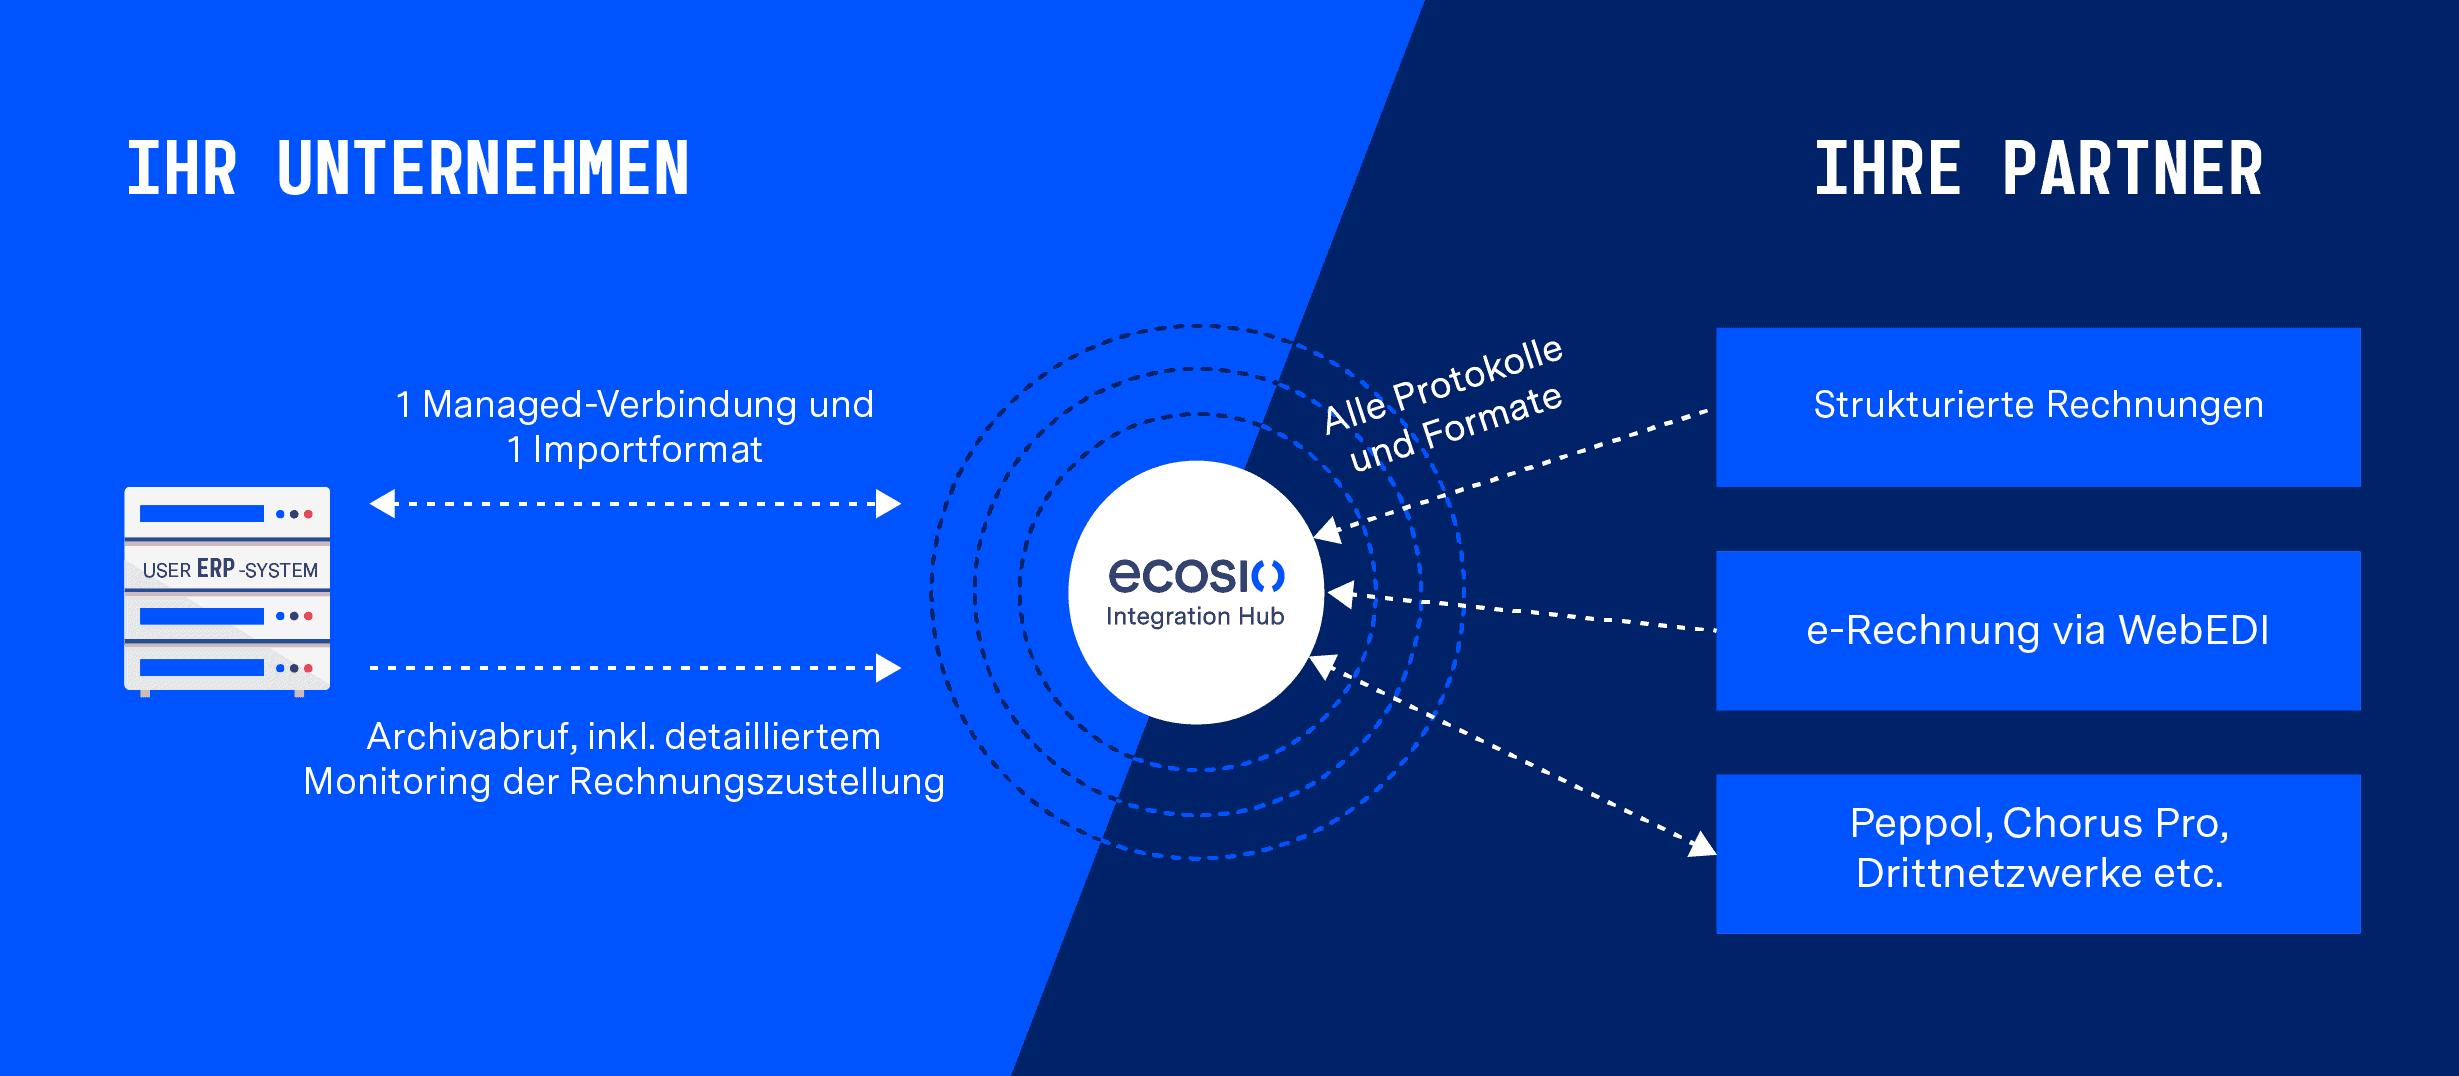 e-Rechnungen importieren mit ecosio